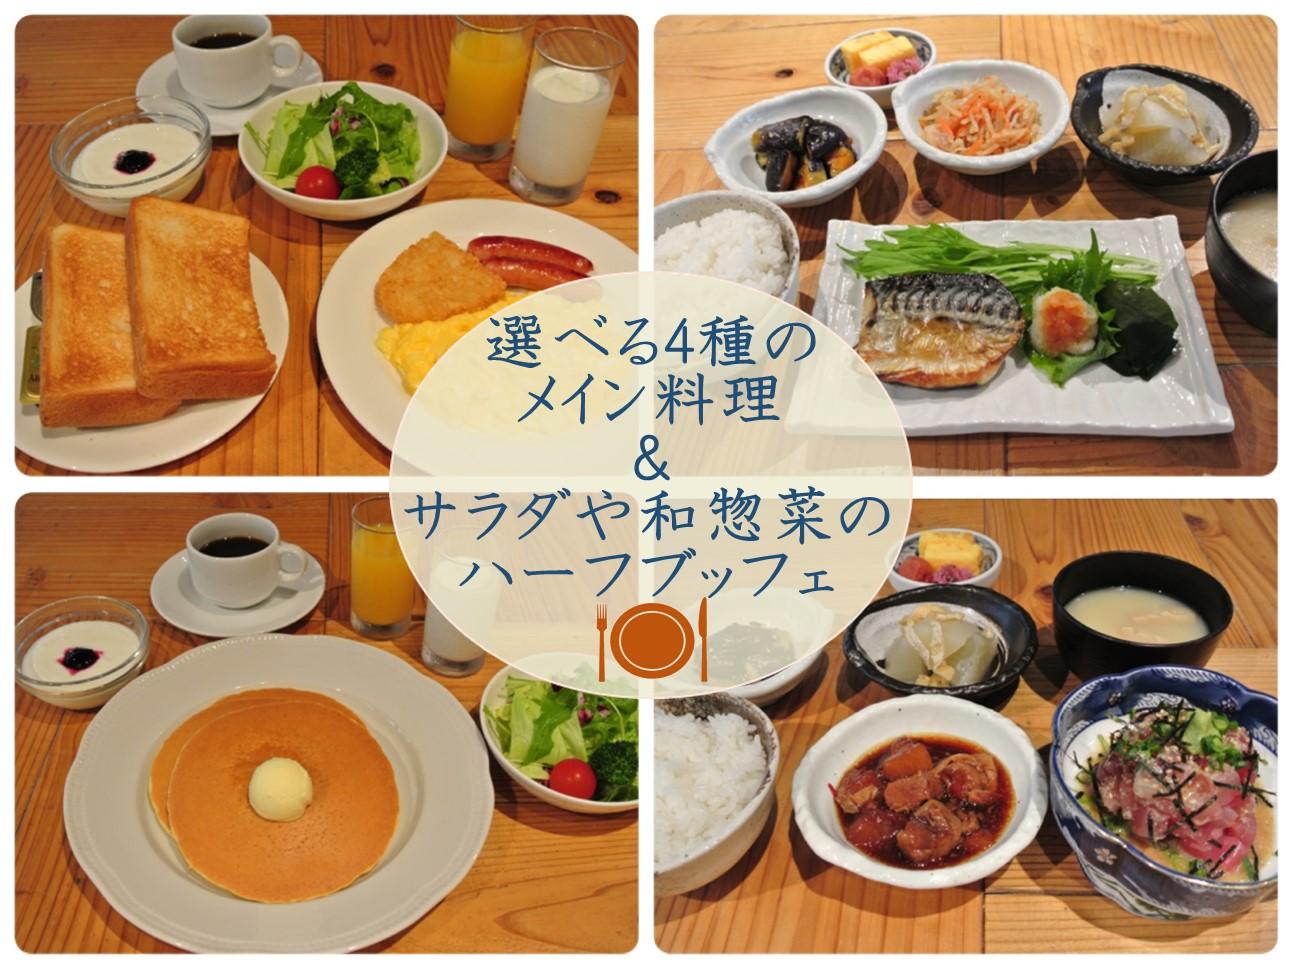 リッチモンドホテル浅草 / 【グッドモーニング浅草】選んで楽しい!おいしい!ハーフブッフェ付きプラン